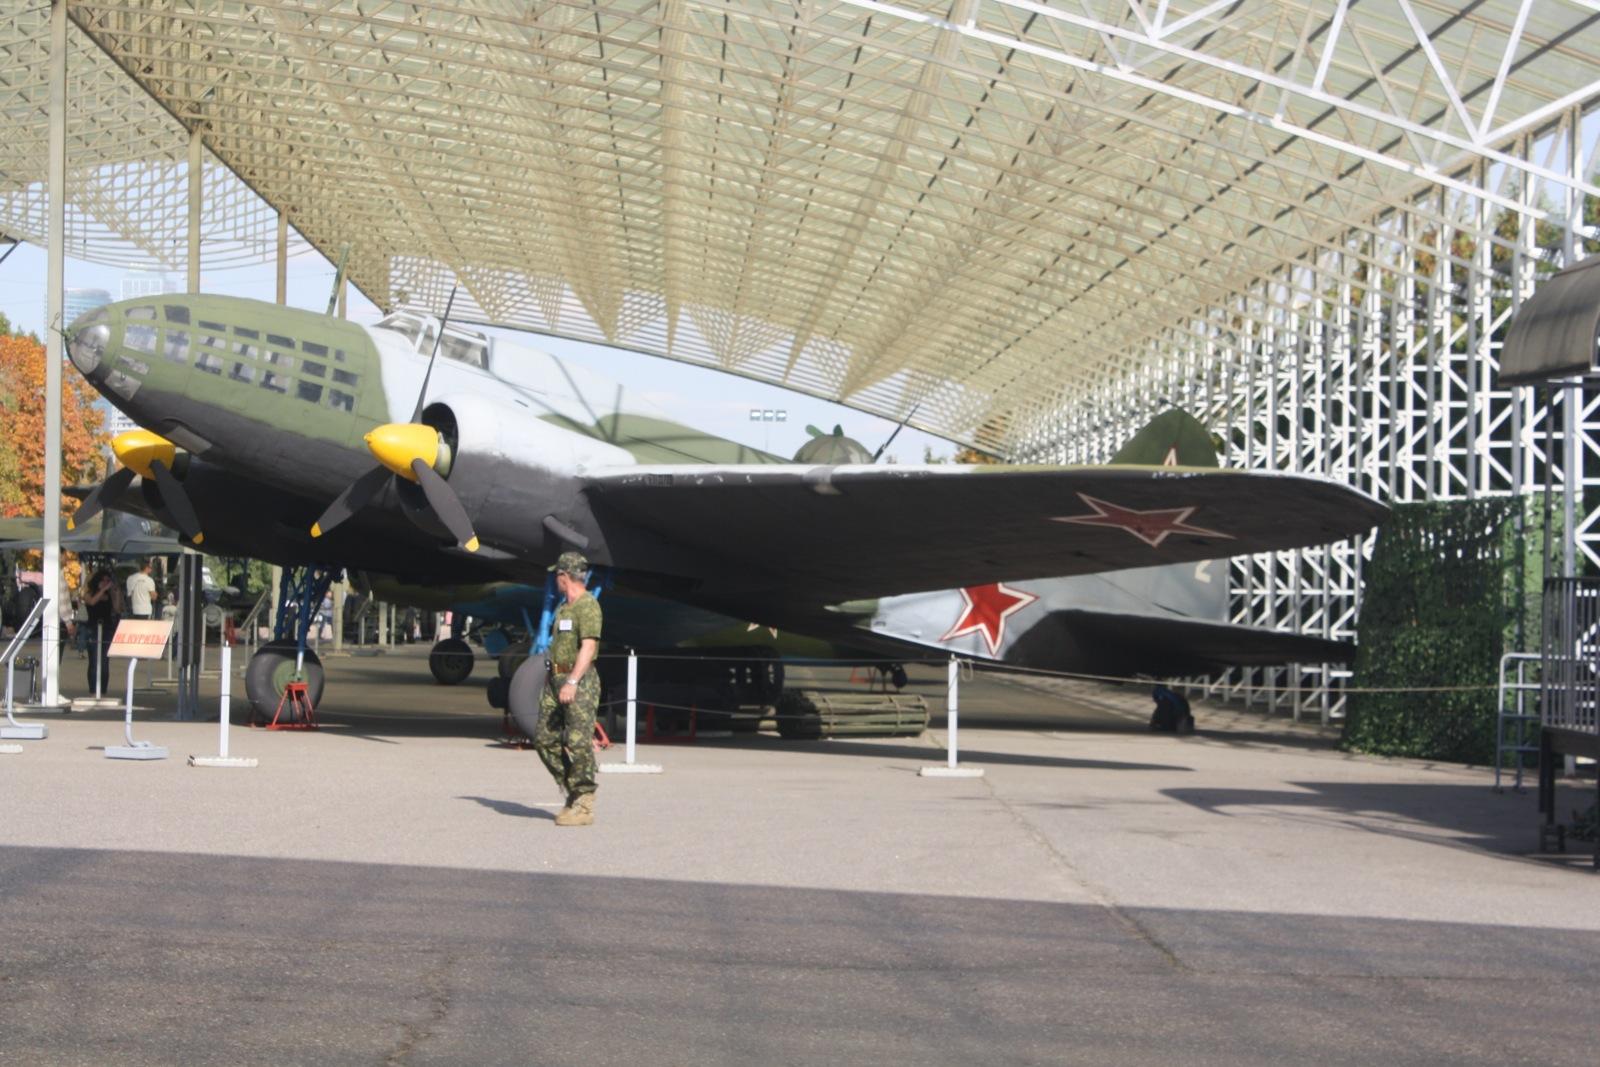 Memorijalni kompleks otvoren je 9. svibnja 1995. godine, povodom 50-godišnjice završetka Drugog svjetskog rata.